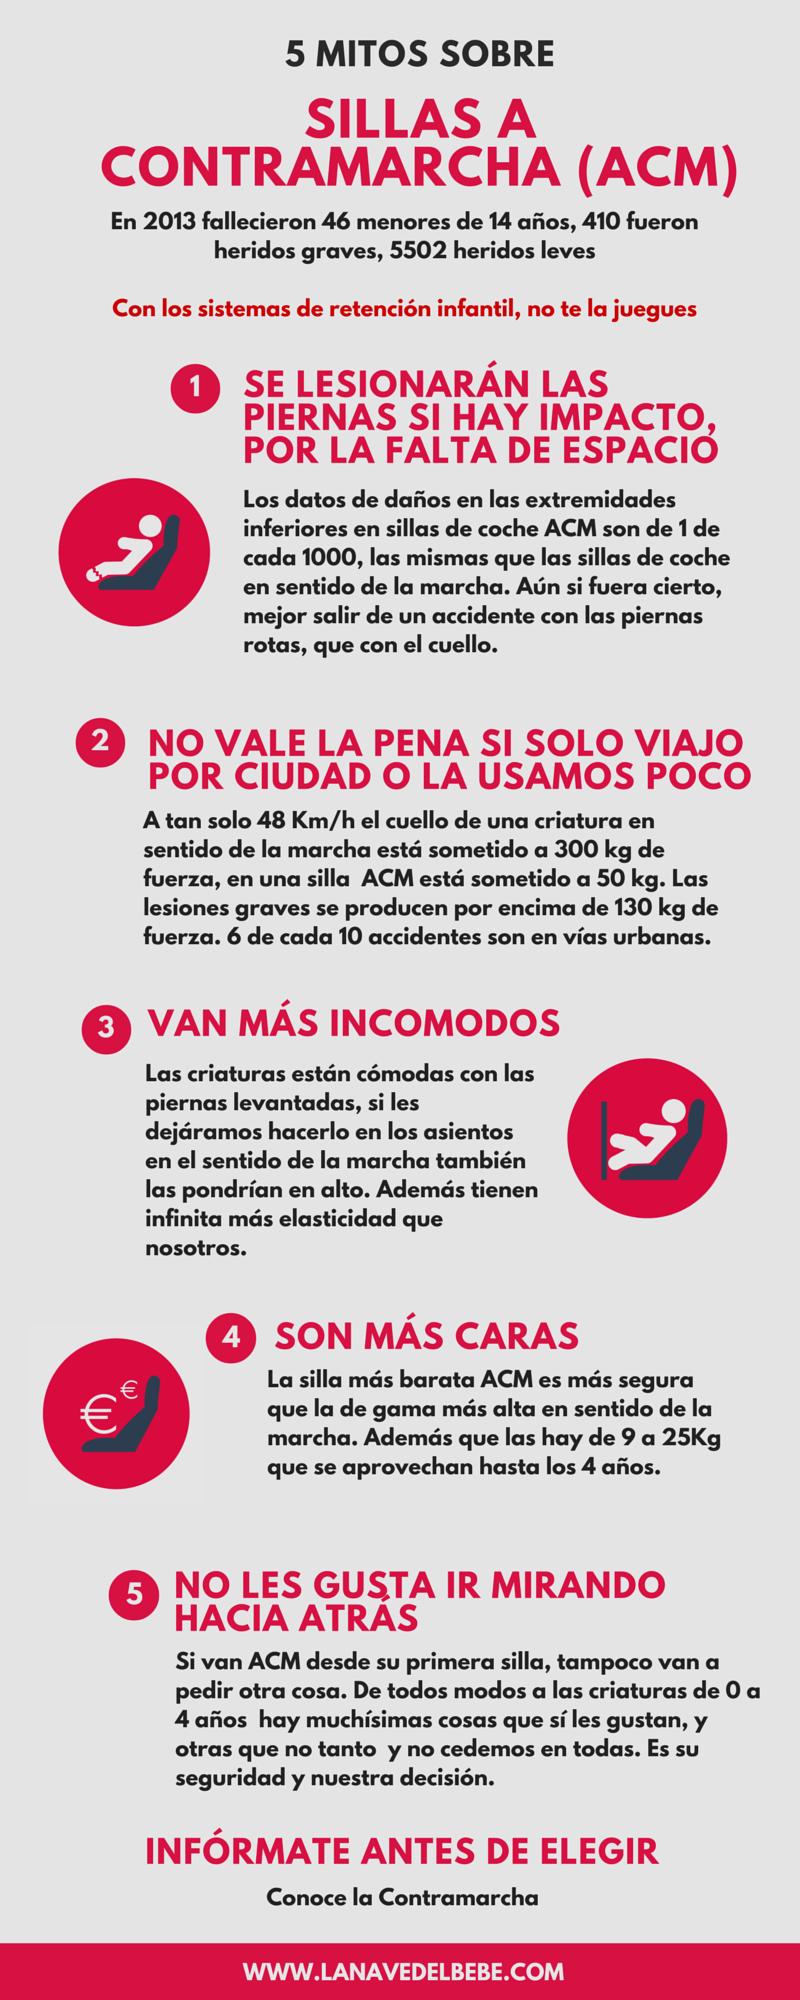 Infografia-Mitos-sobre-ACM